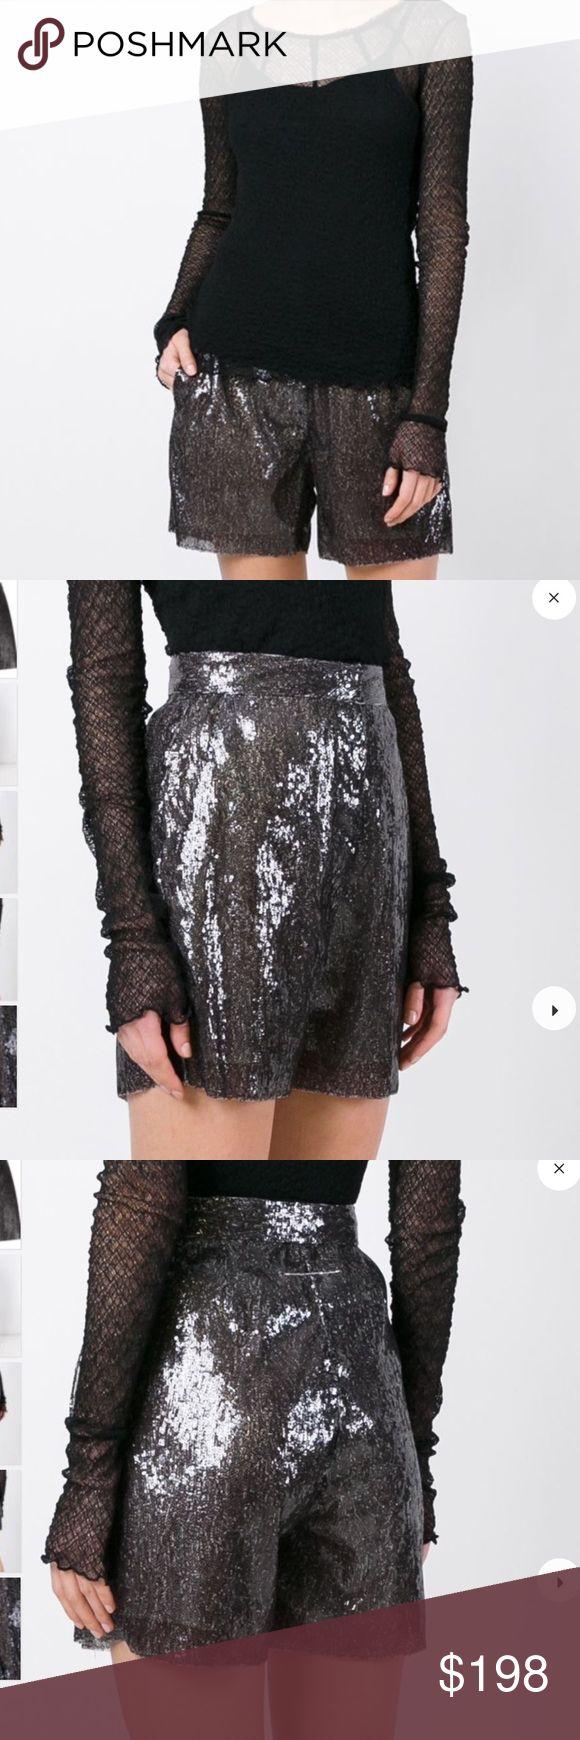 MM6 Margiela black sequin shorts NWT Sz 6 Off black sequin shorts NWT s 6 Retail $528 Maison Margiela Shorts